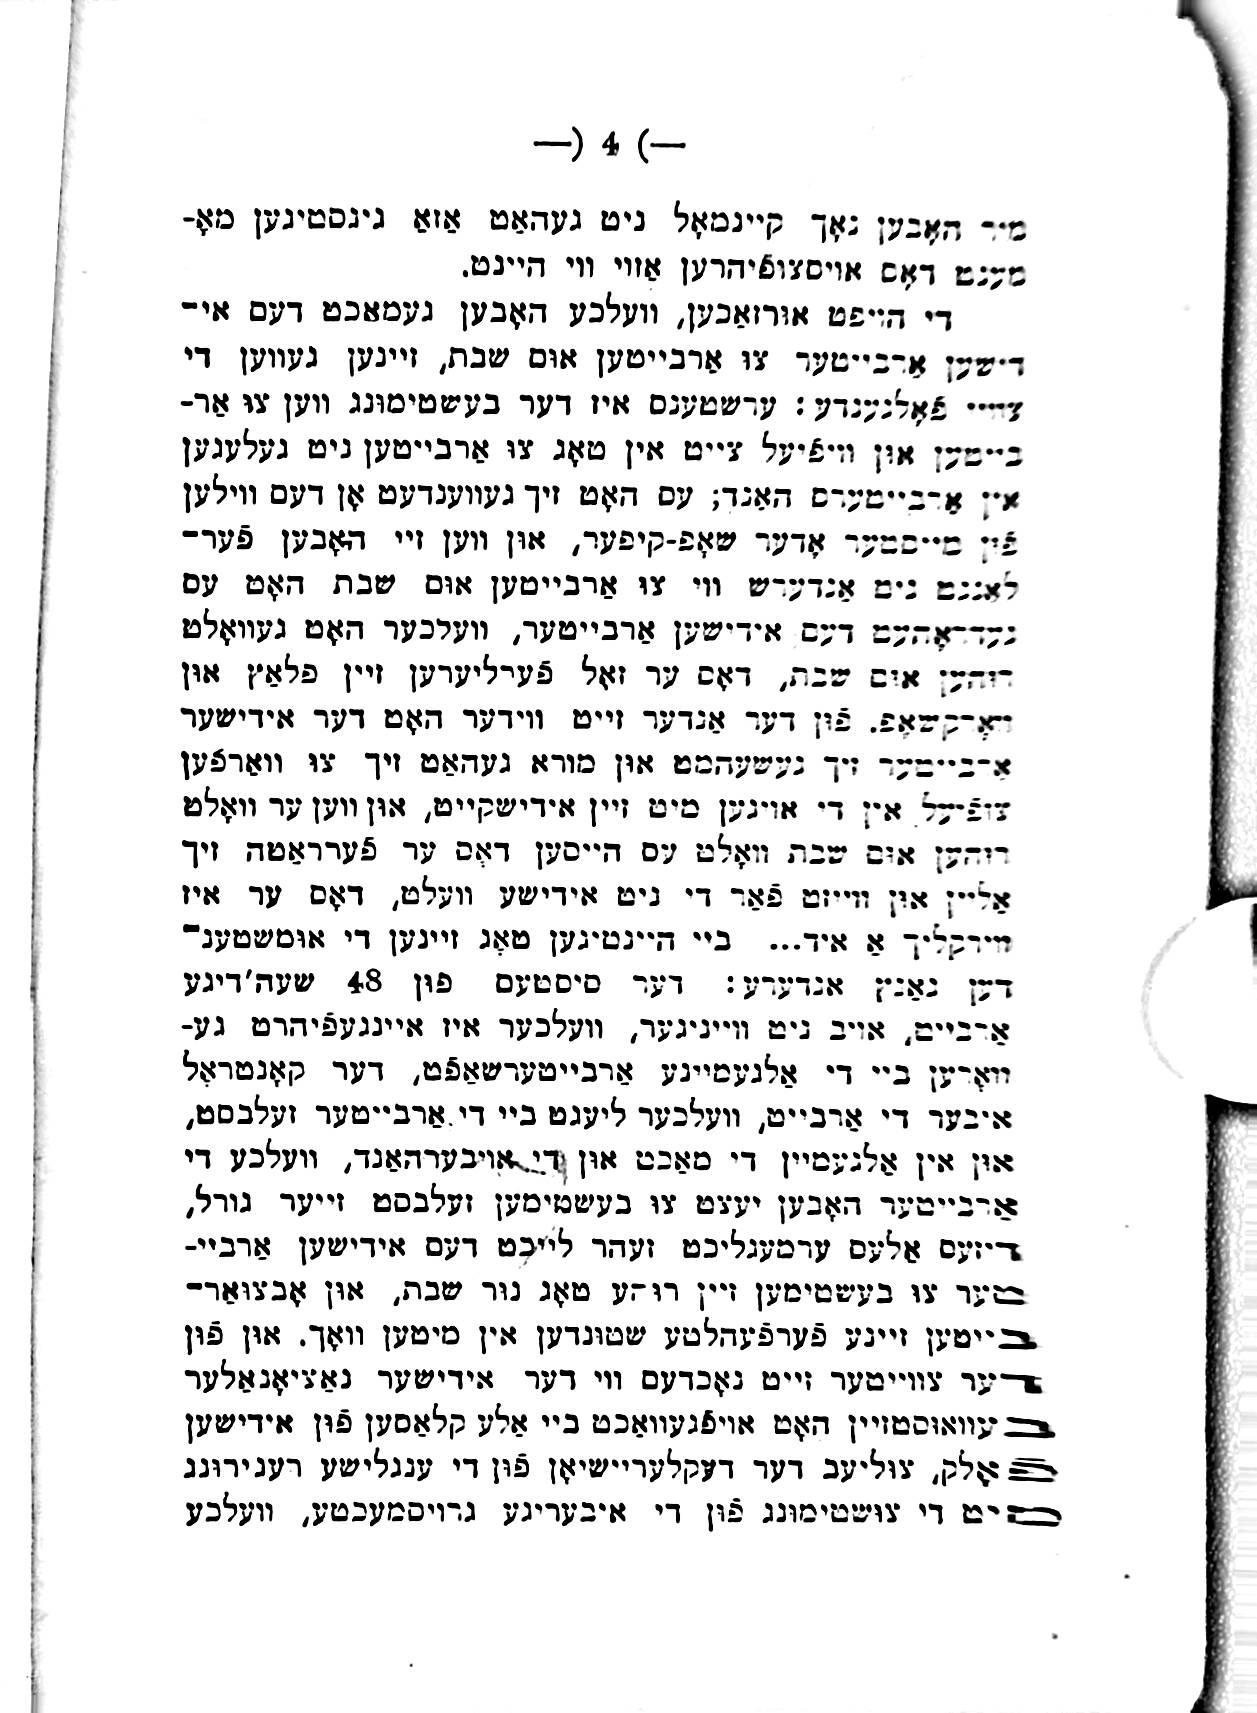 Menuchat Shabbat04